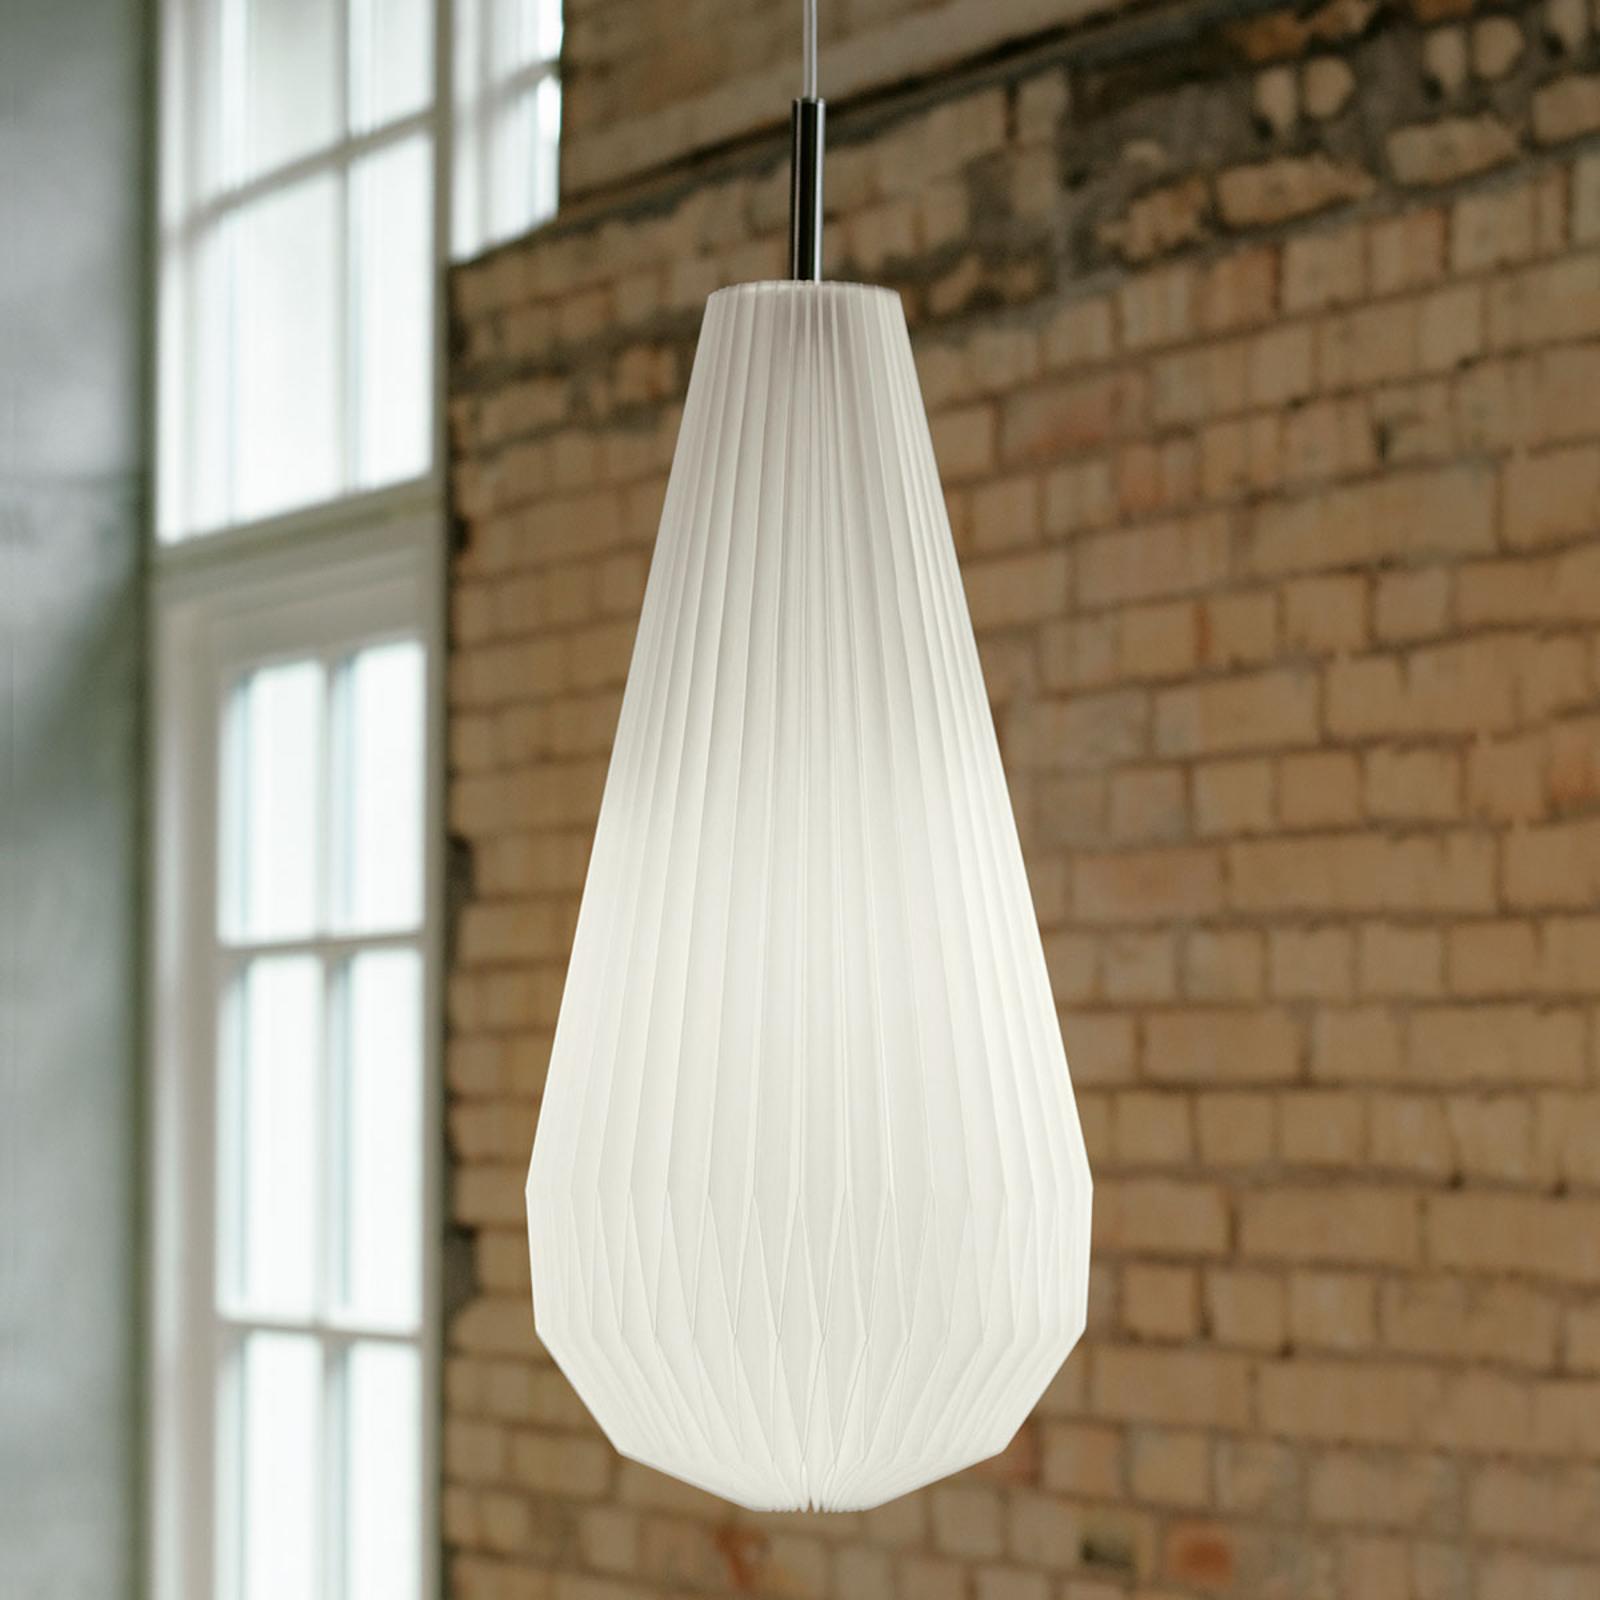 Le KLINT Comet - design-hanglamp, 25 cm